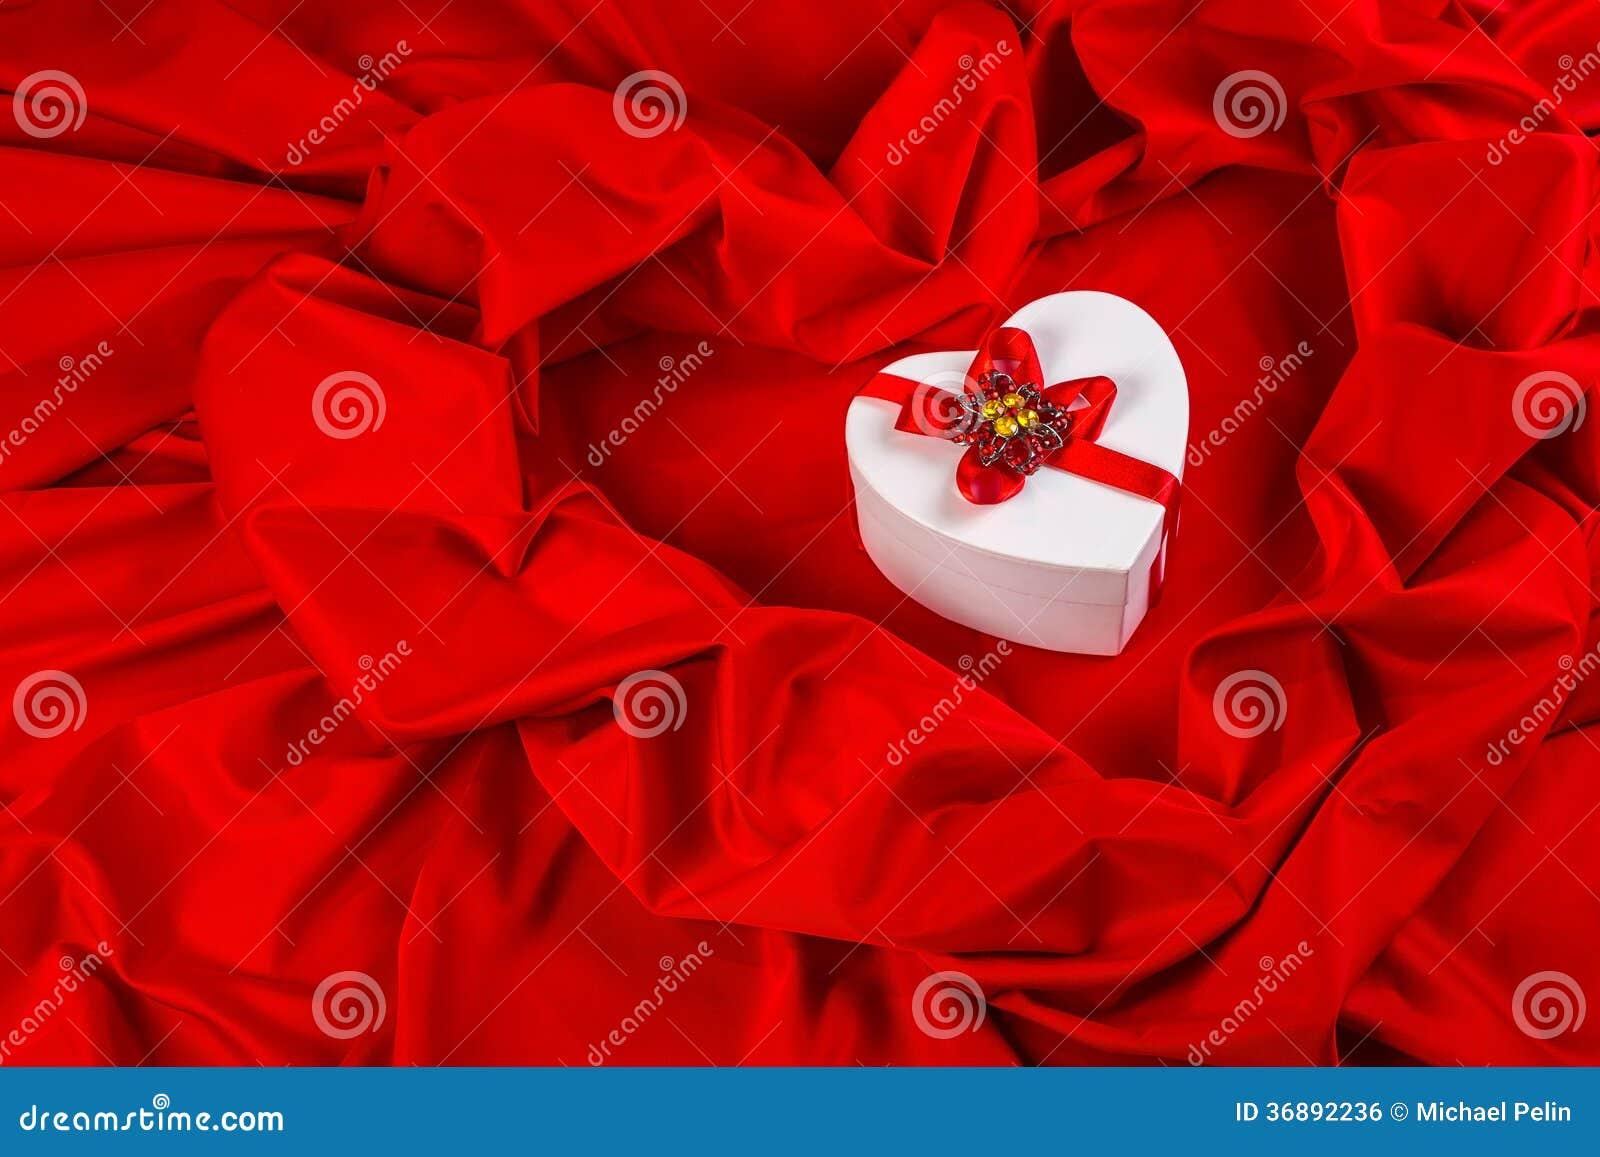 Download Ami La Carta Con Cuore Su Un Tessuto Rosso Fotografia Stock - Immagine di figura, nastro: 36892236